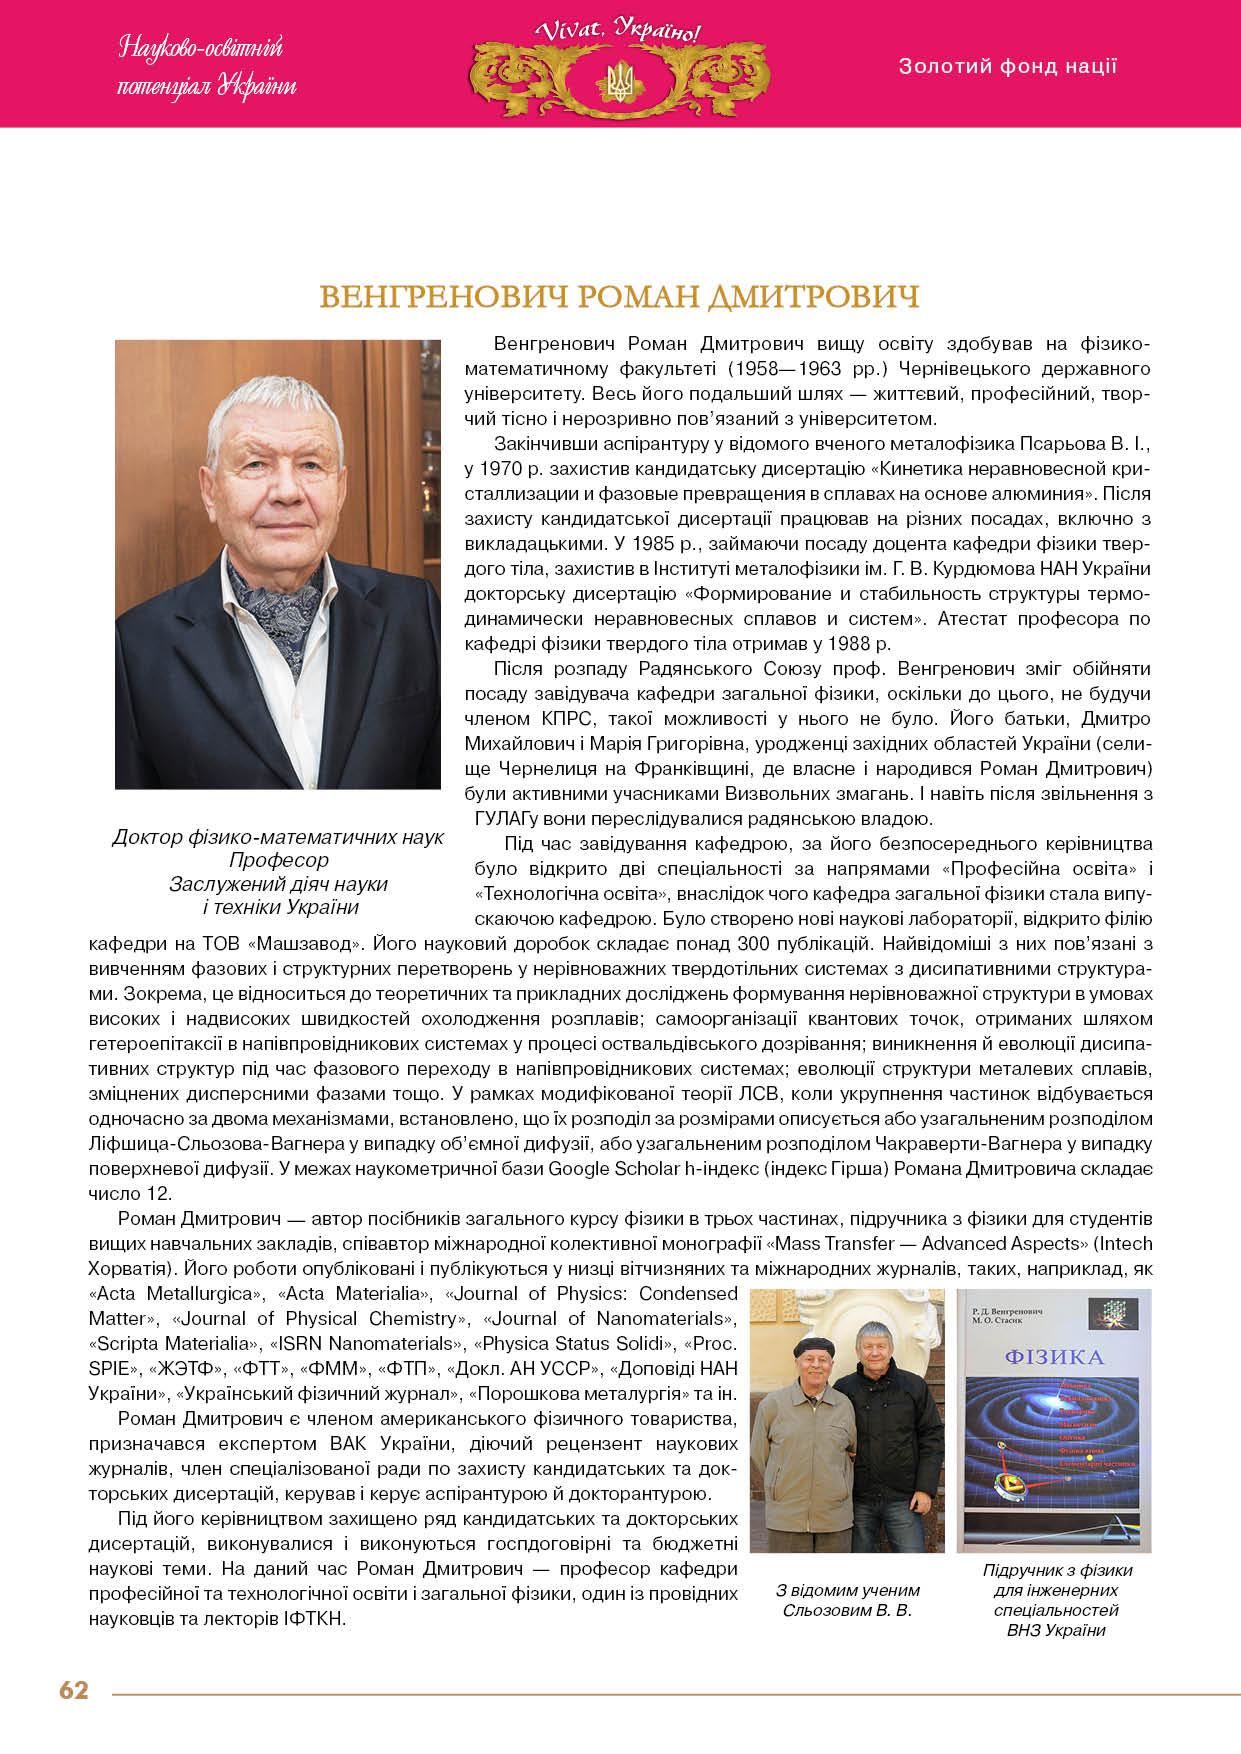 Венгренович Роман Дмитрович